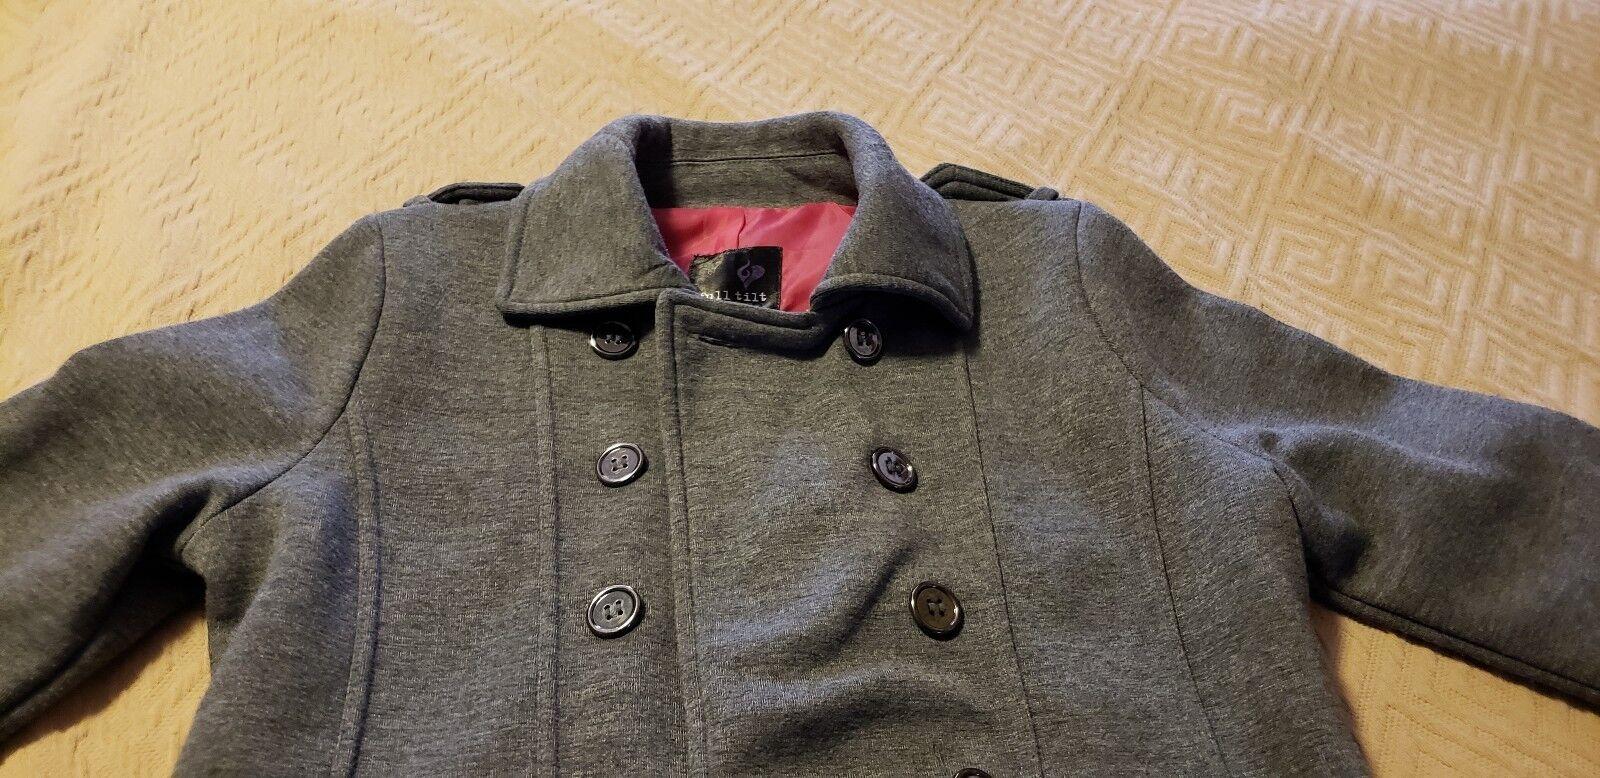 Nueva chaqueta gris con botones Full Tilt Chaqueta Peacoat NWT talla mediana 10-12